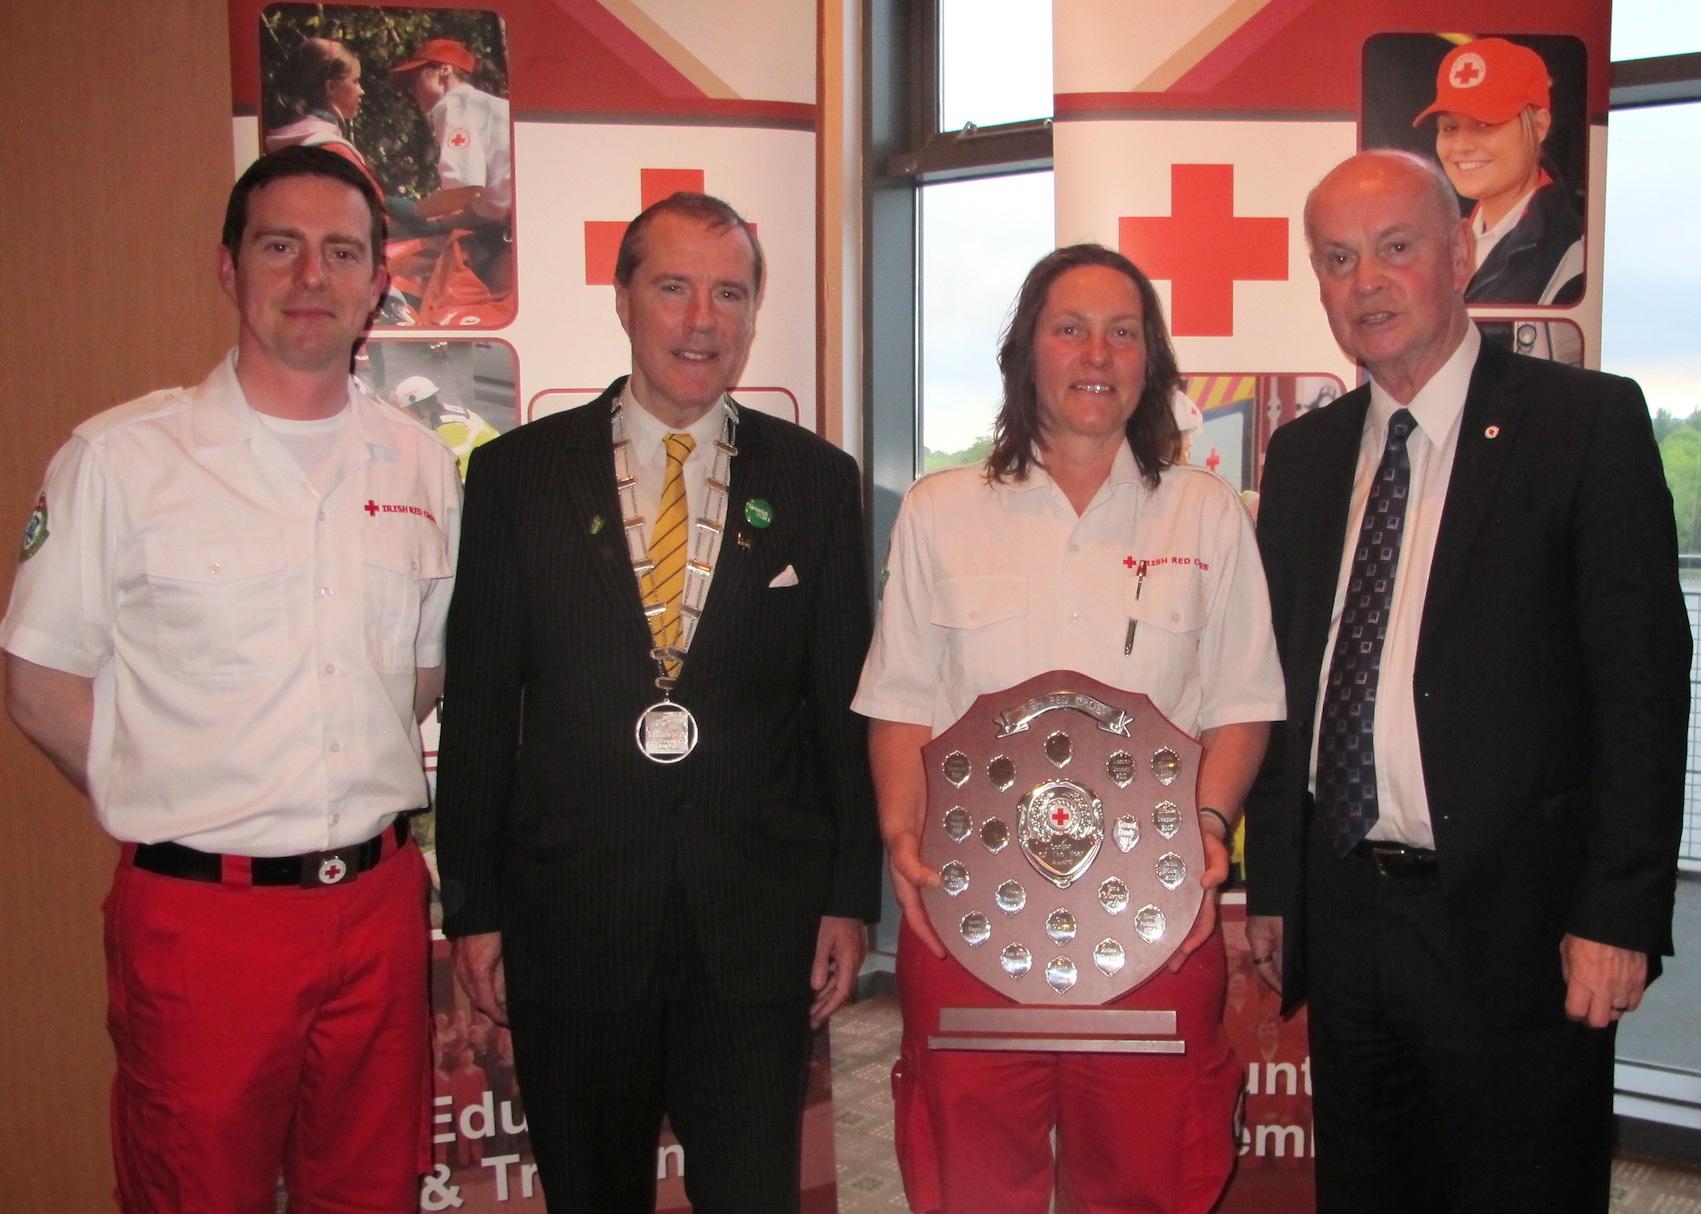 Irish Red Cross Awards 2016